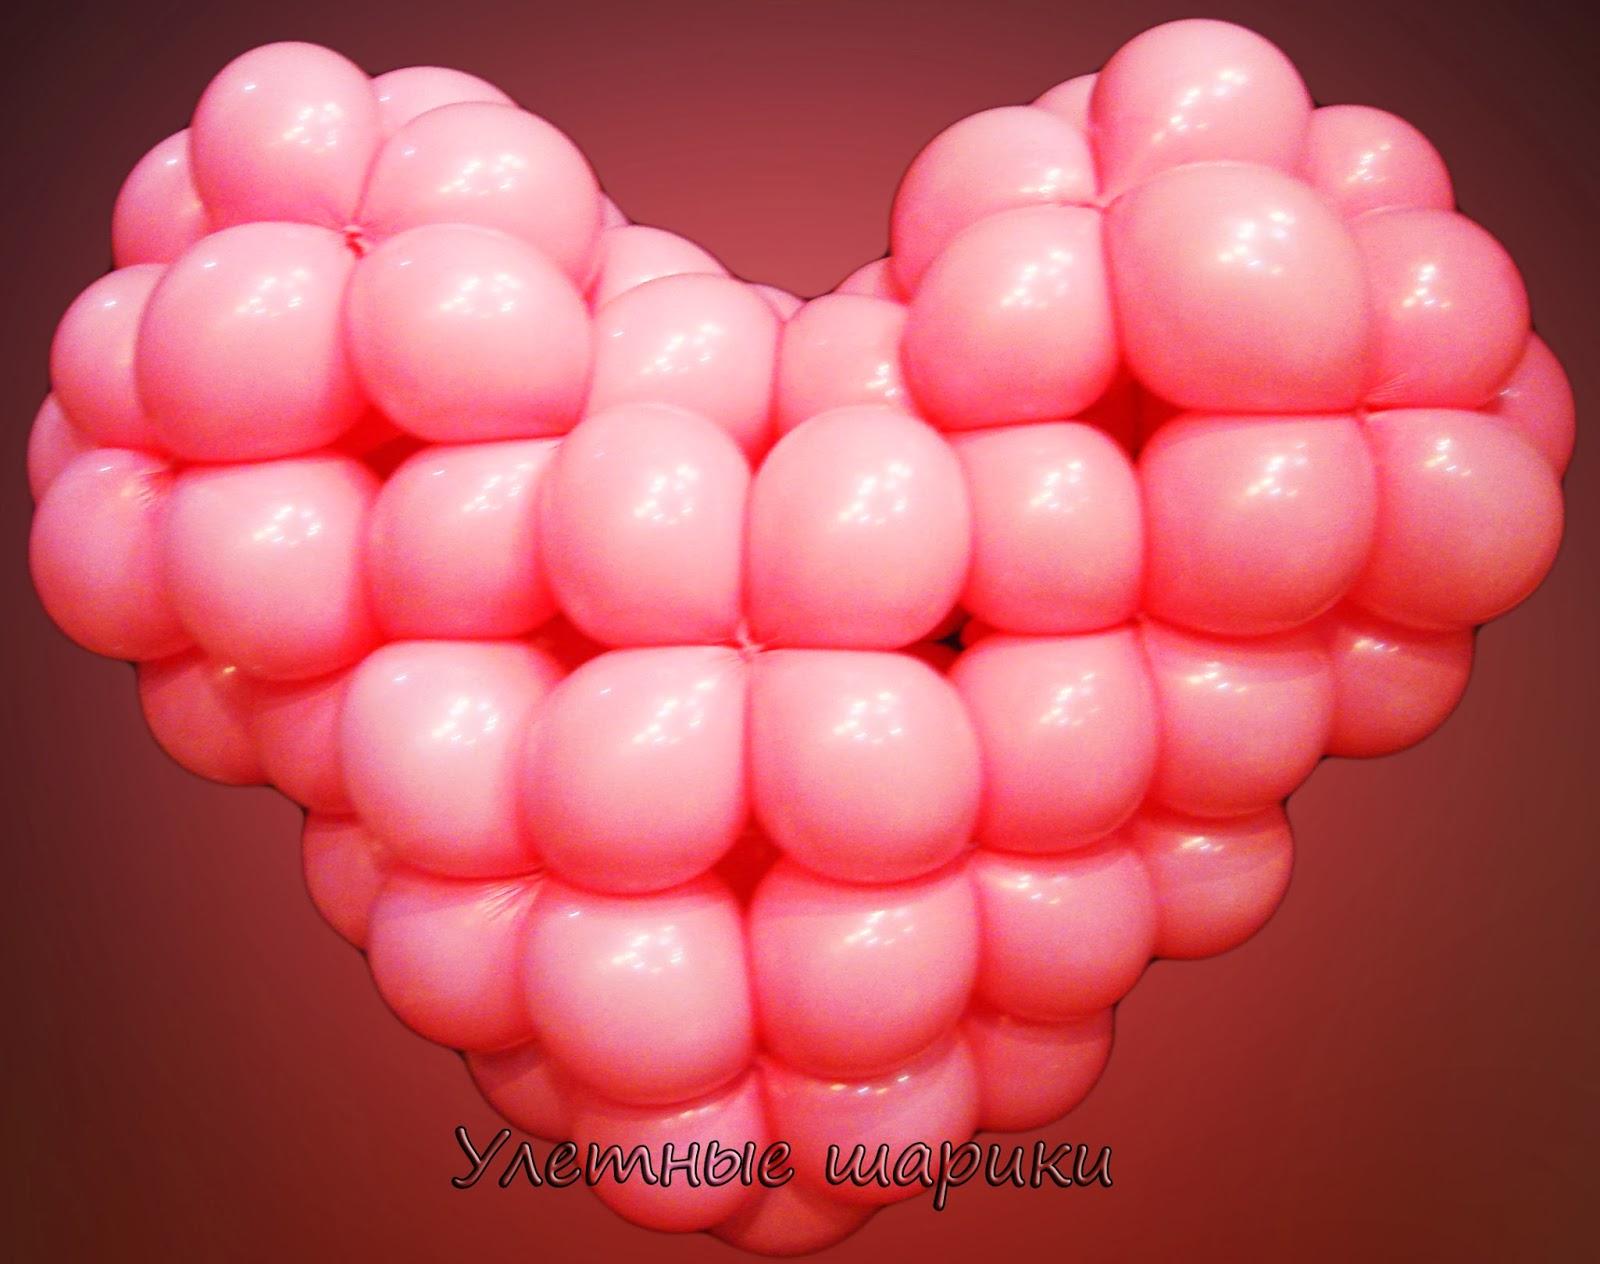 Обьемное сердце  из шариков